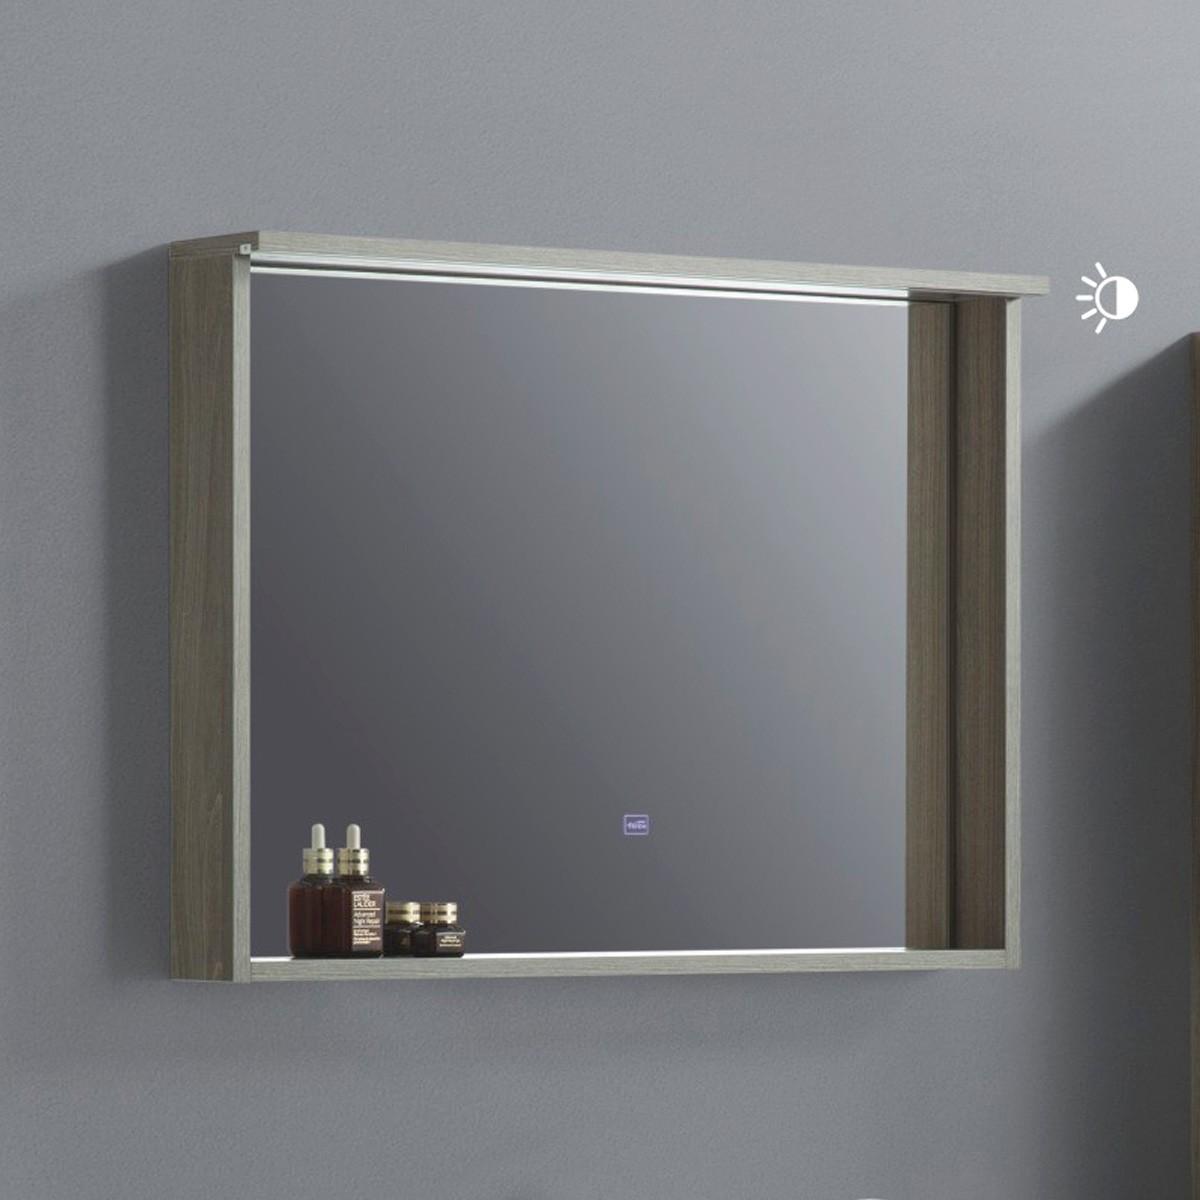 32 x 24 po Miroir pour vanité avec étagère (VSW8002-M)